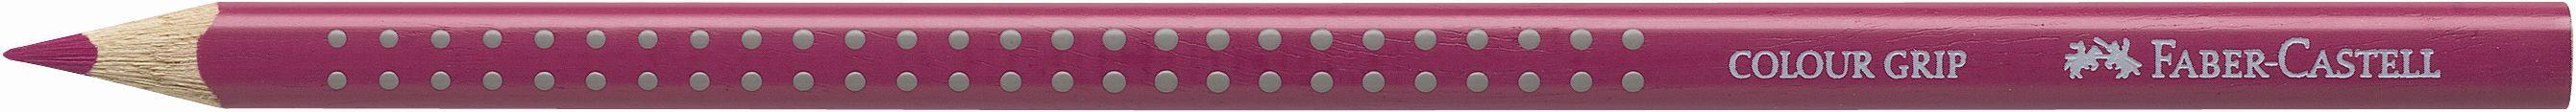 Pastelka Color Grip / 125 purpurově růžová Faber Castell - Akvarelové pastelky Faber Castell - Akvarelové pastelky